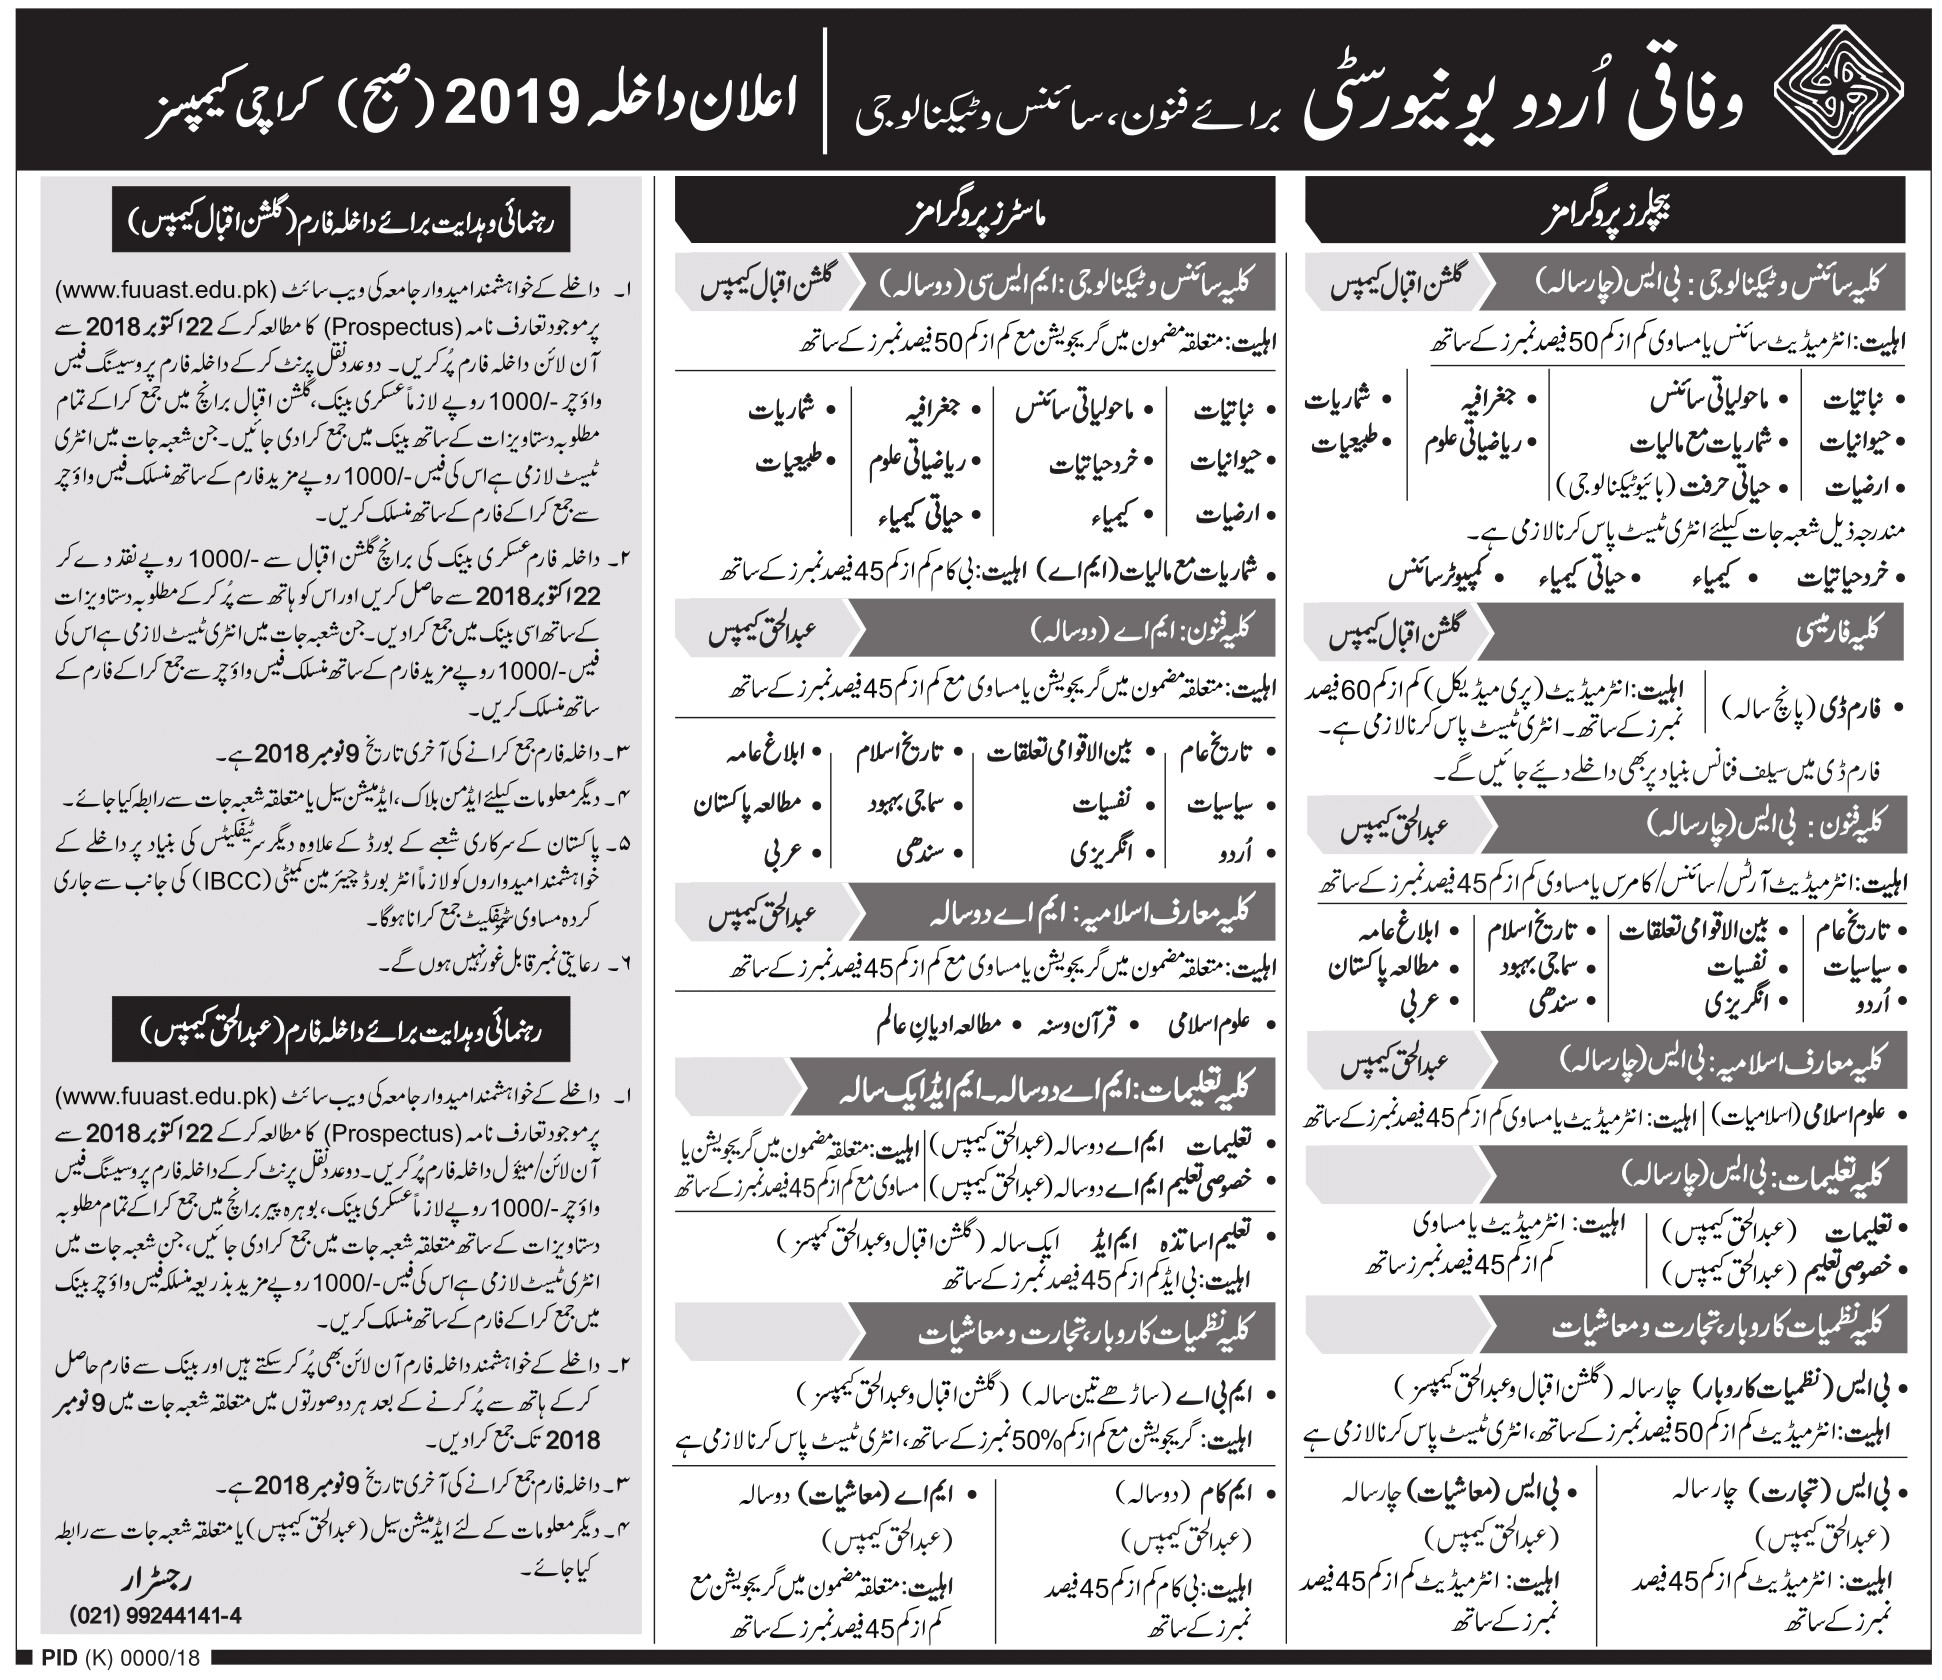 FUUAST Admission 2019 Morning Advertisement in Urdu